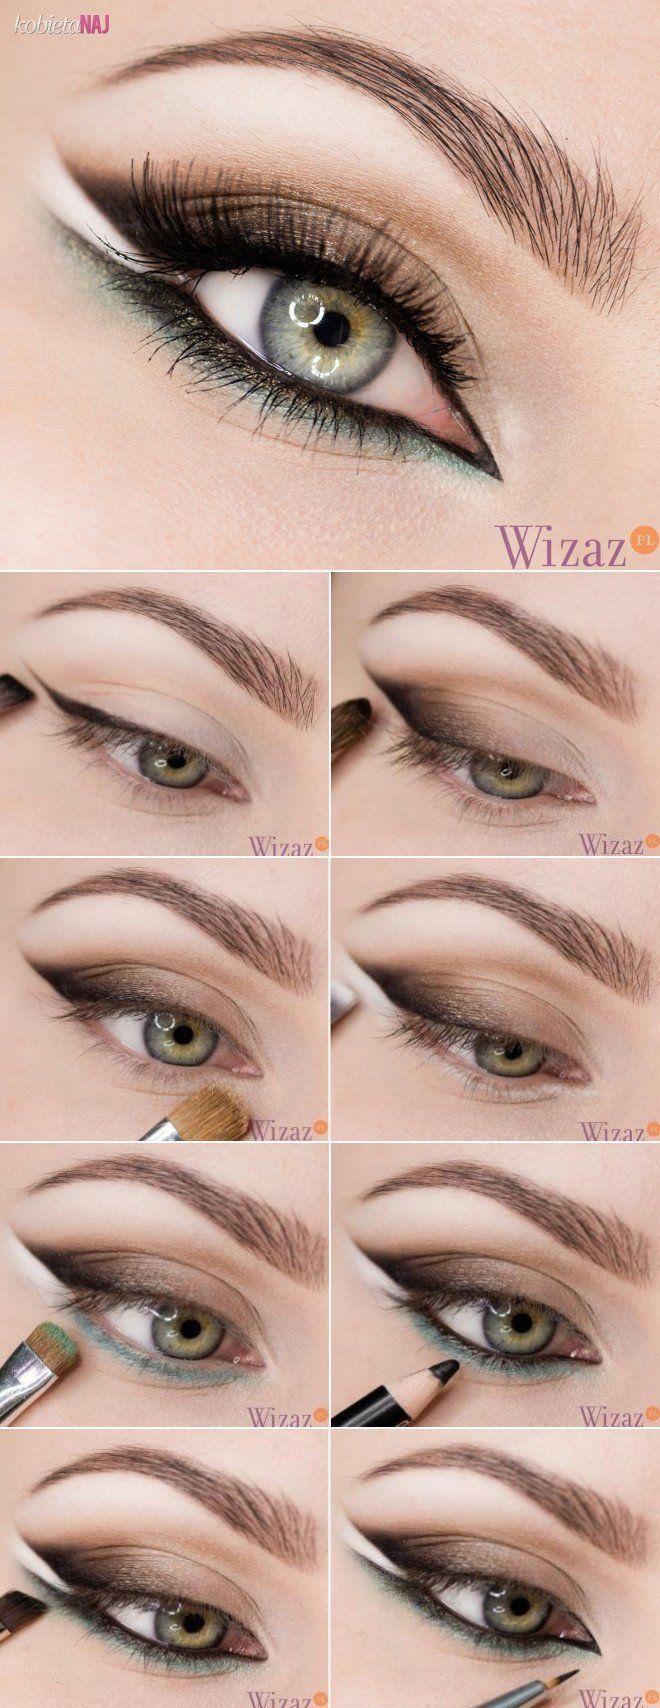 Boski make up z białą kreską - Instrukcja krok po kroku...